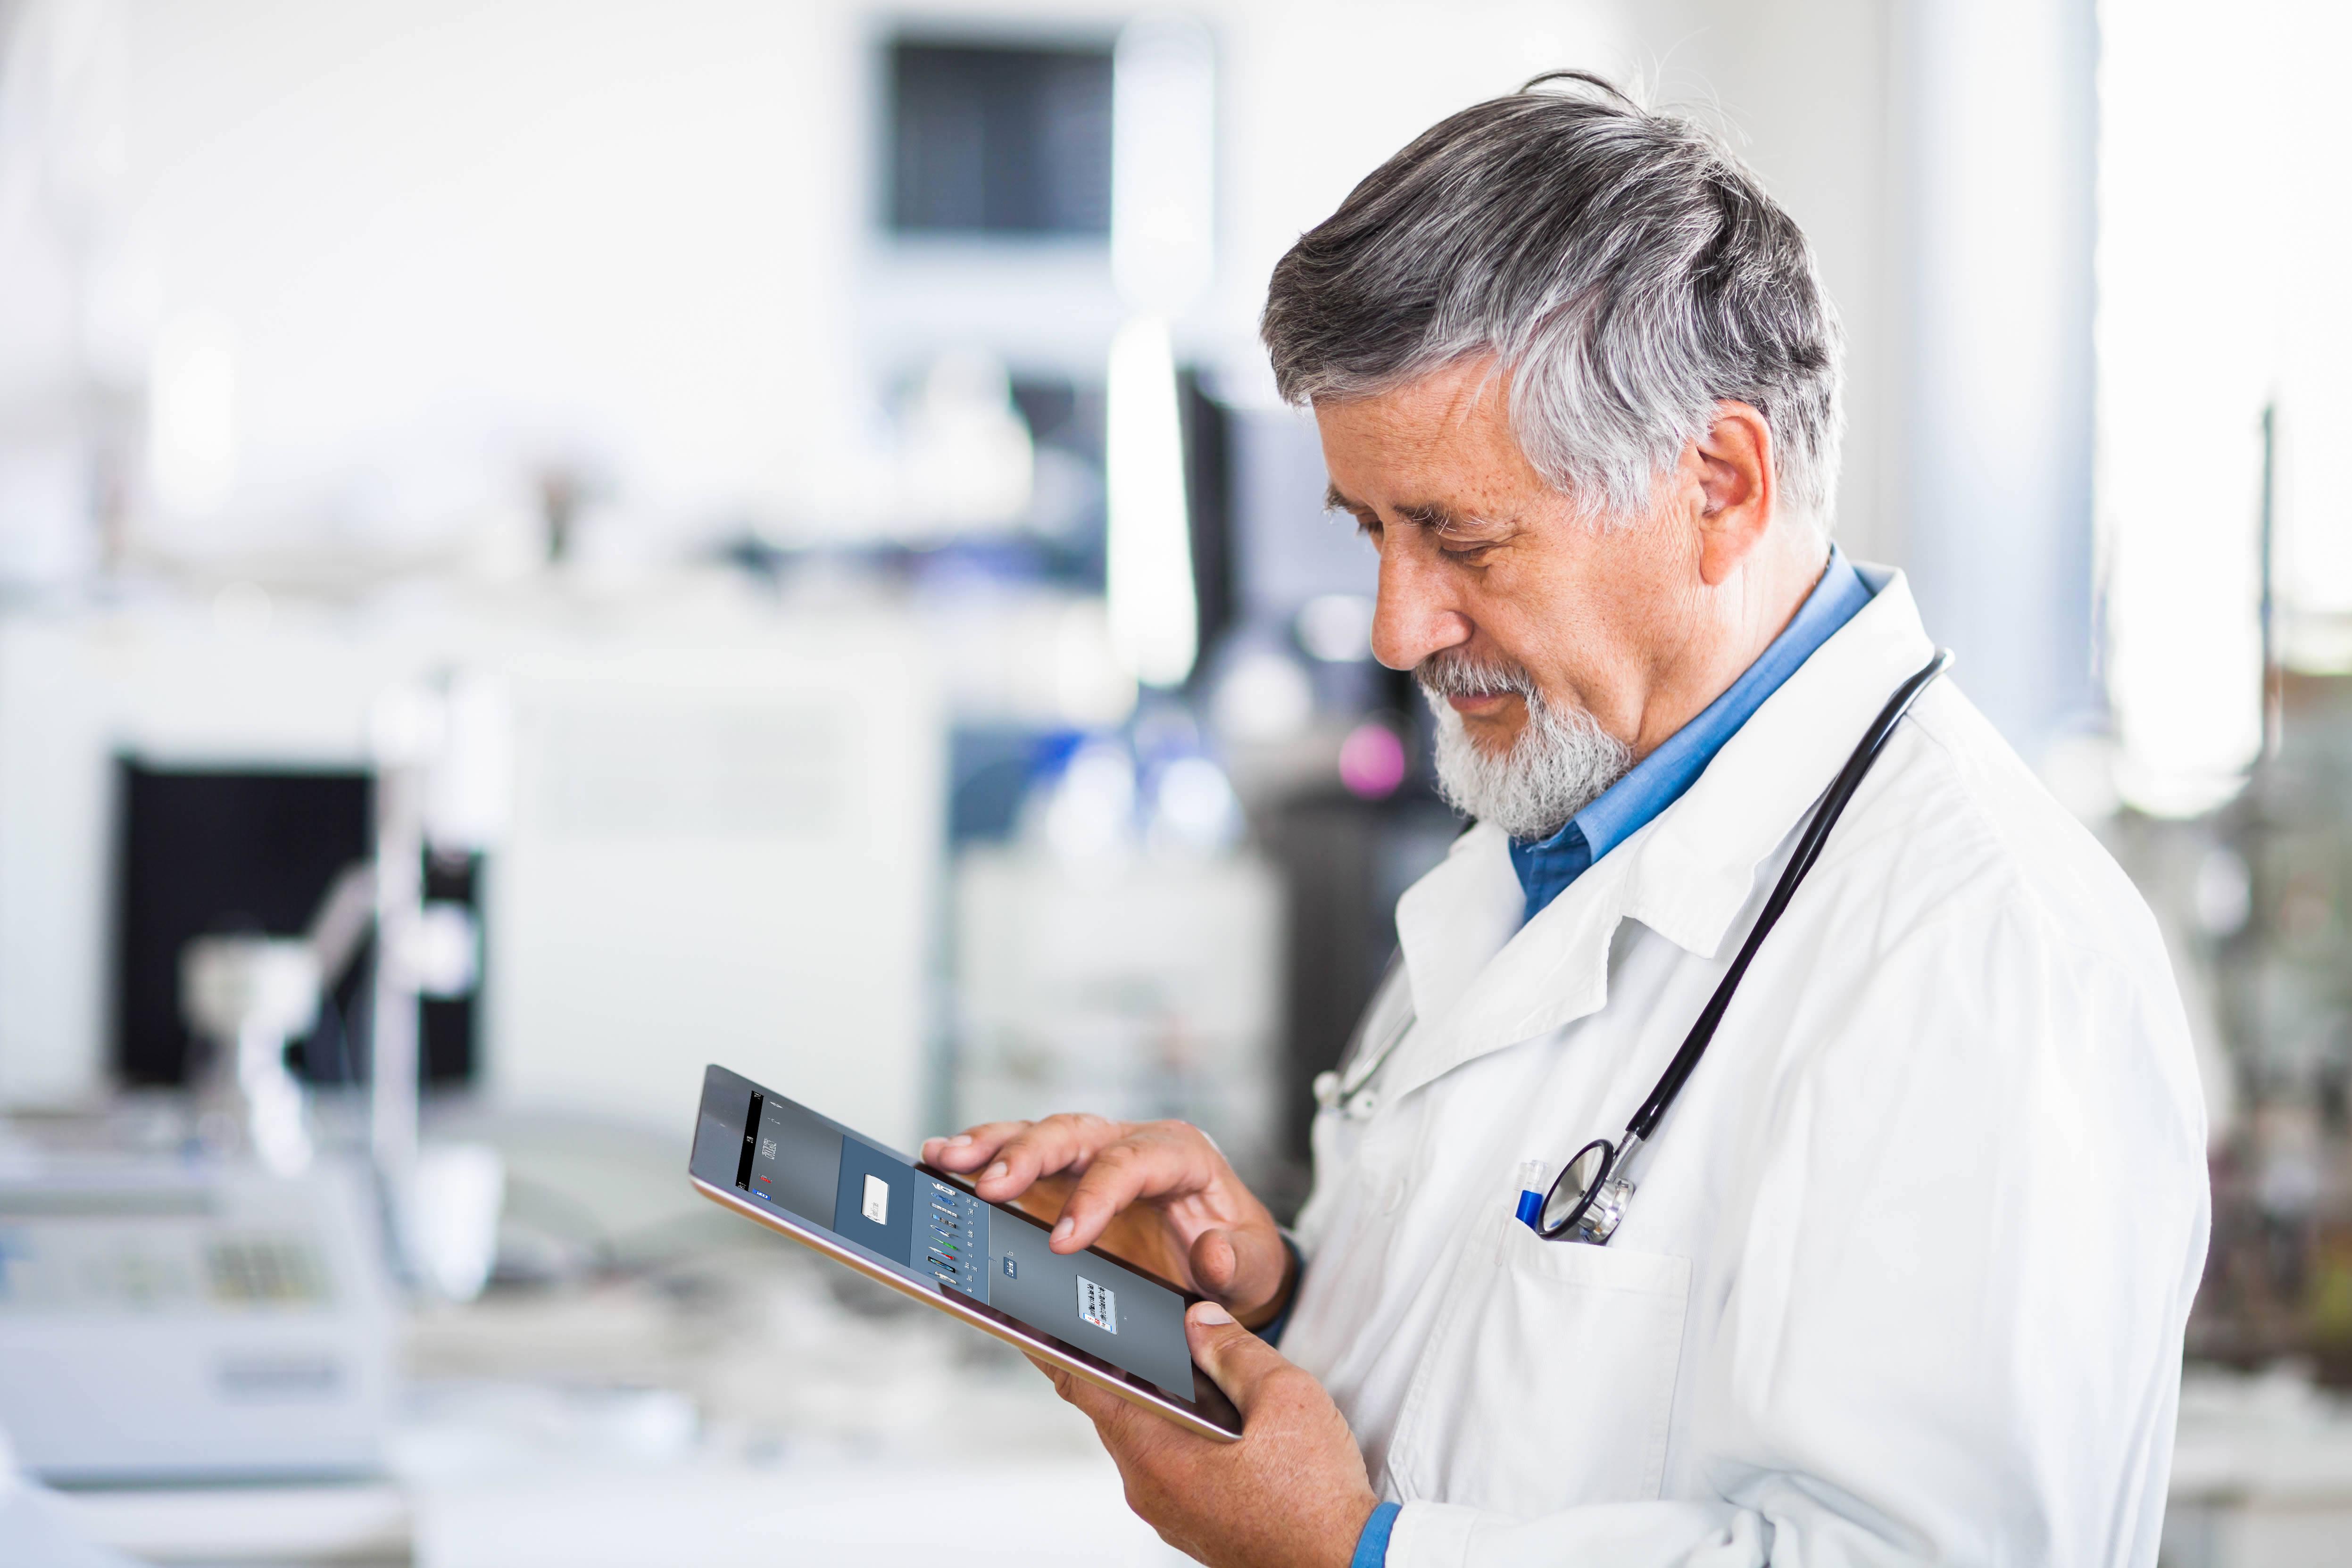 DIGIPharmaDay 2016 pagrindinis dėmesys bus skiriamas skaitmeniniams sprendimams, kurie gali padidinti farmacinių prekių ženklų rinkodaros efektyvumą ir pagerinti pardavimų procesus.